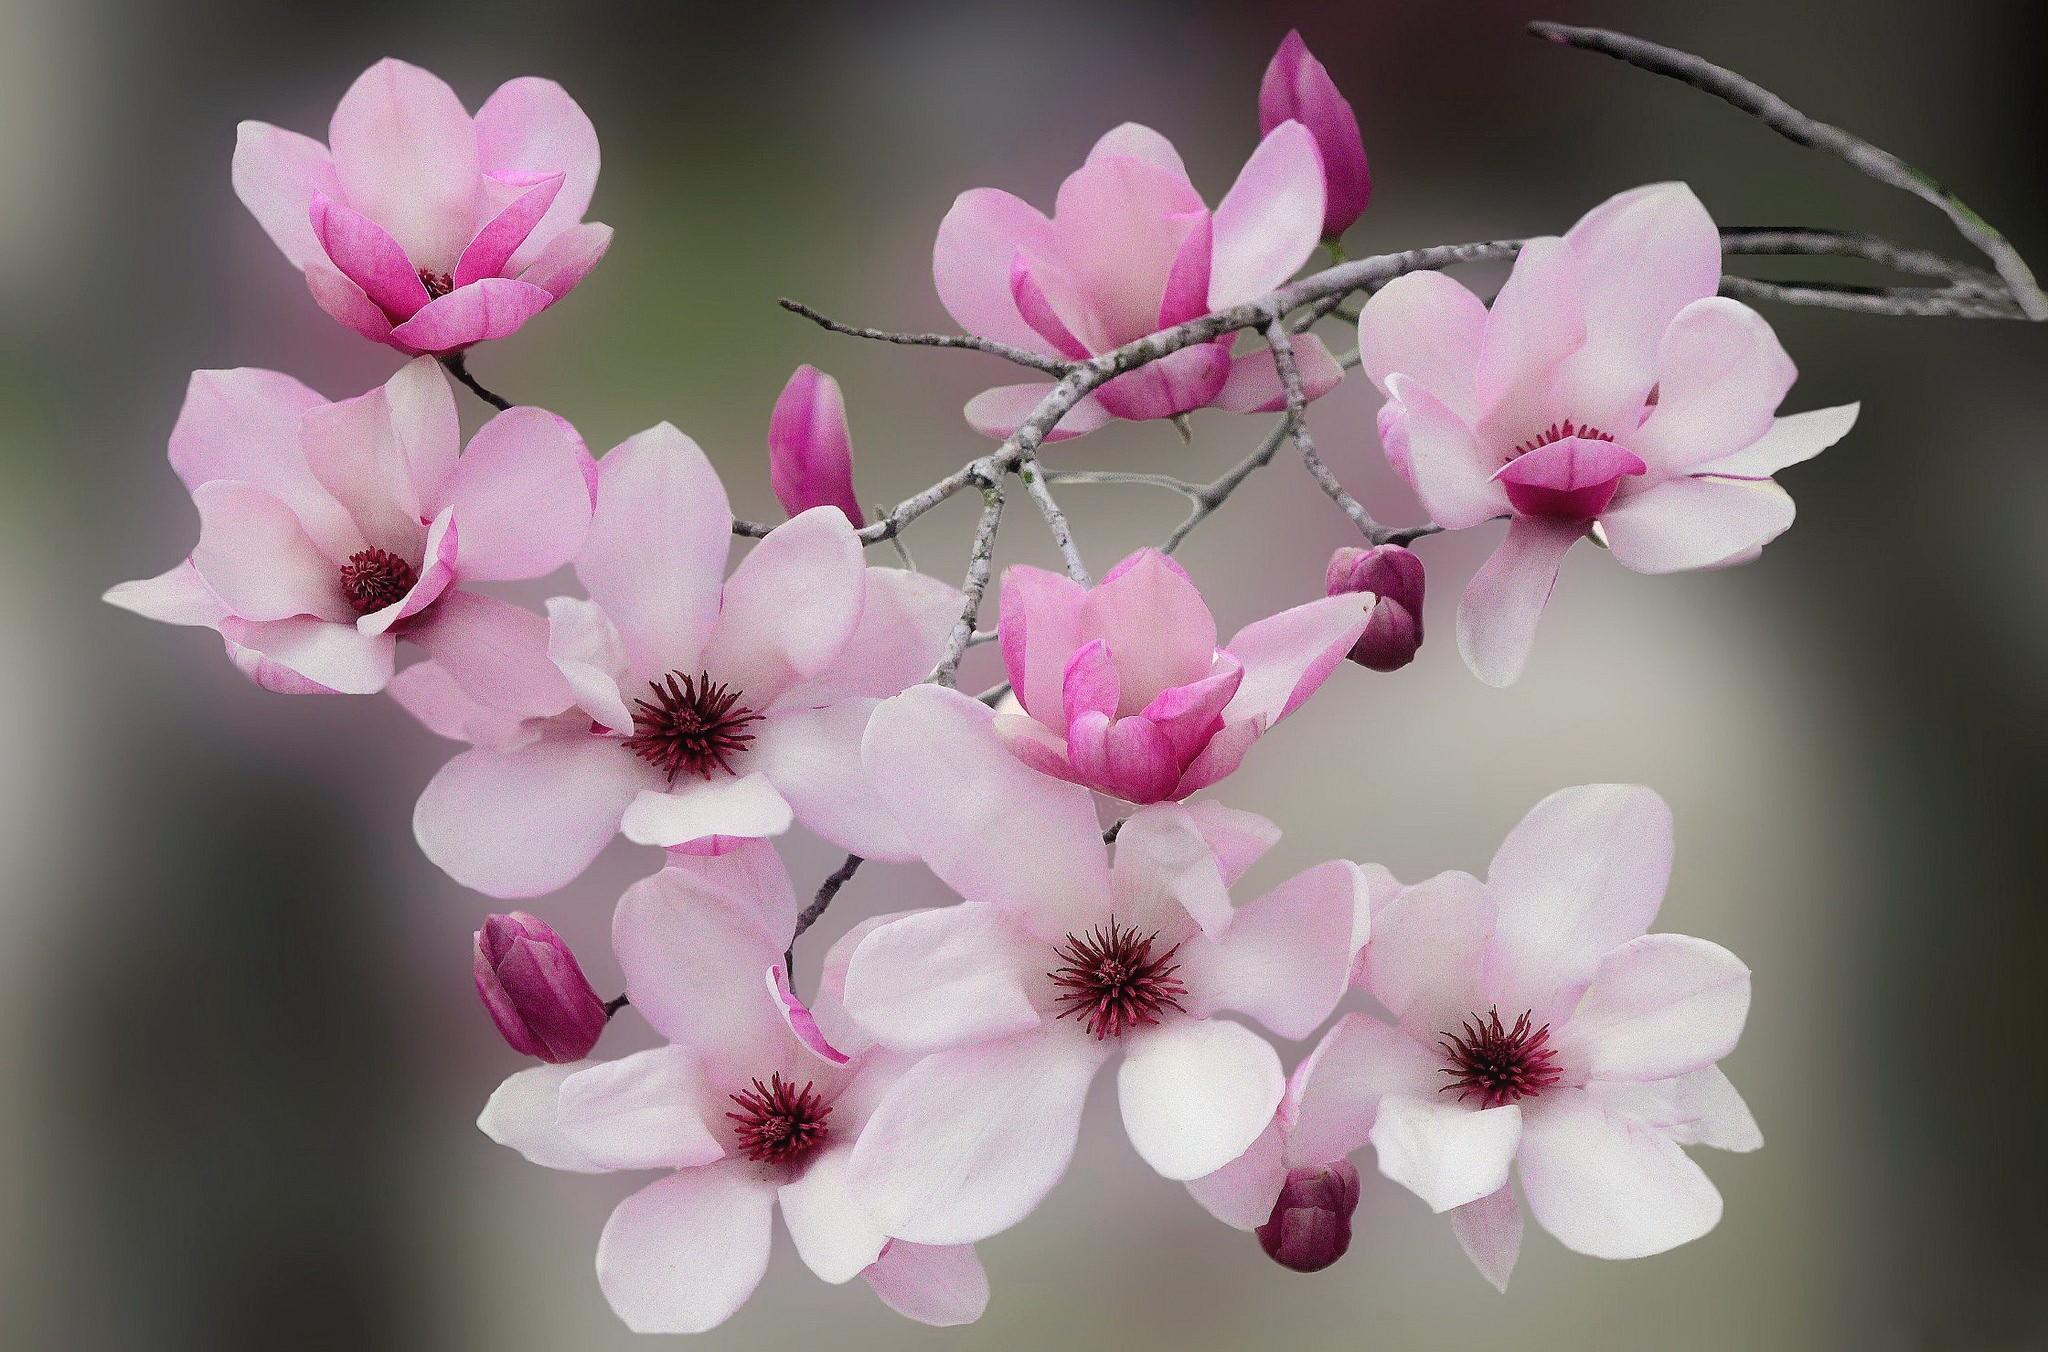 Chiêm ngưỡng vẻ đẹp ngây ngất của hoa ngọc lan